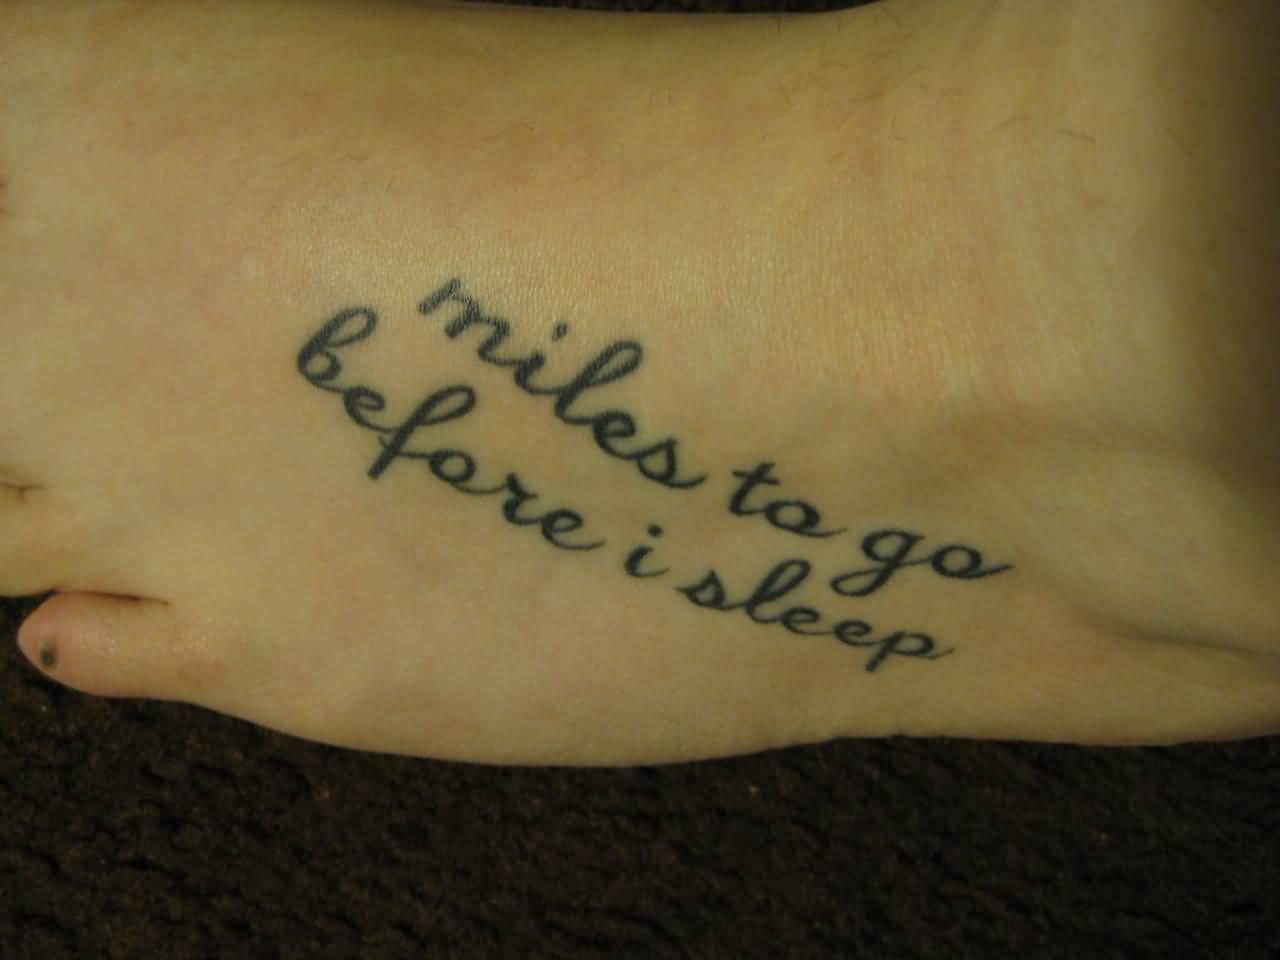 14+ Poem Tattoos On Back